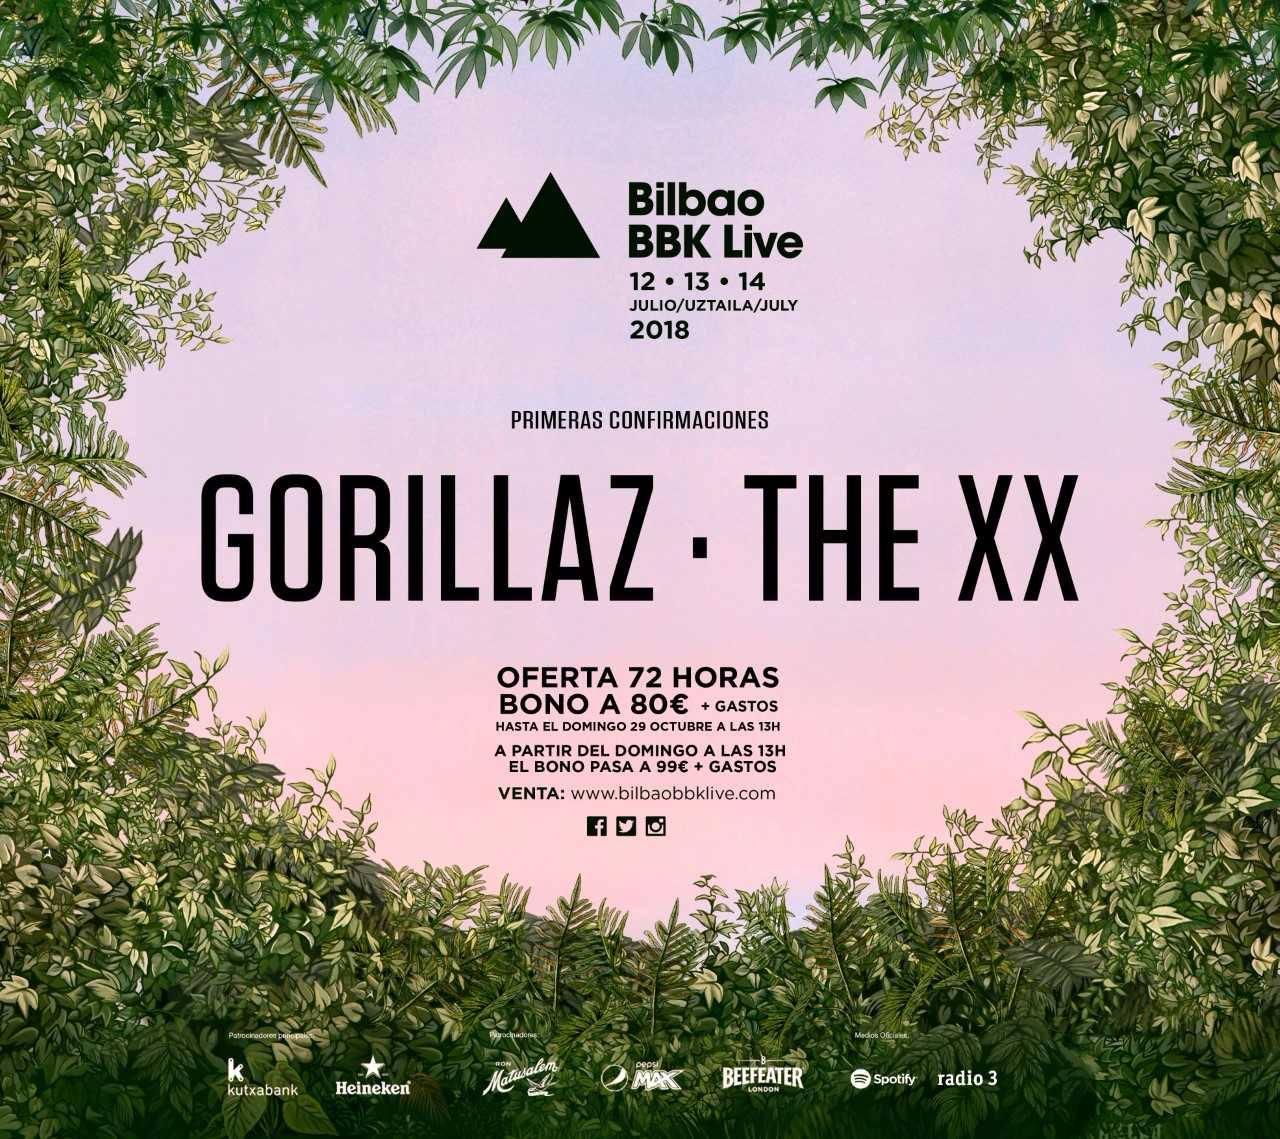 Gorillaz y The XX estarán en el BBK Live 2018